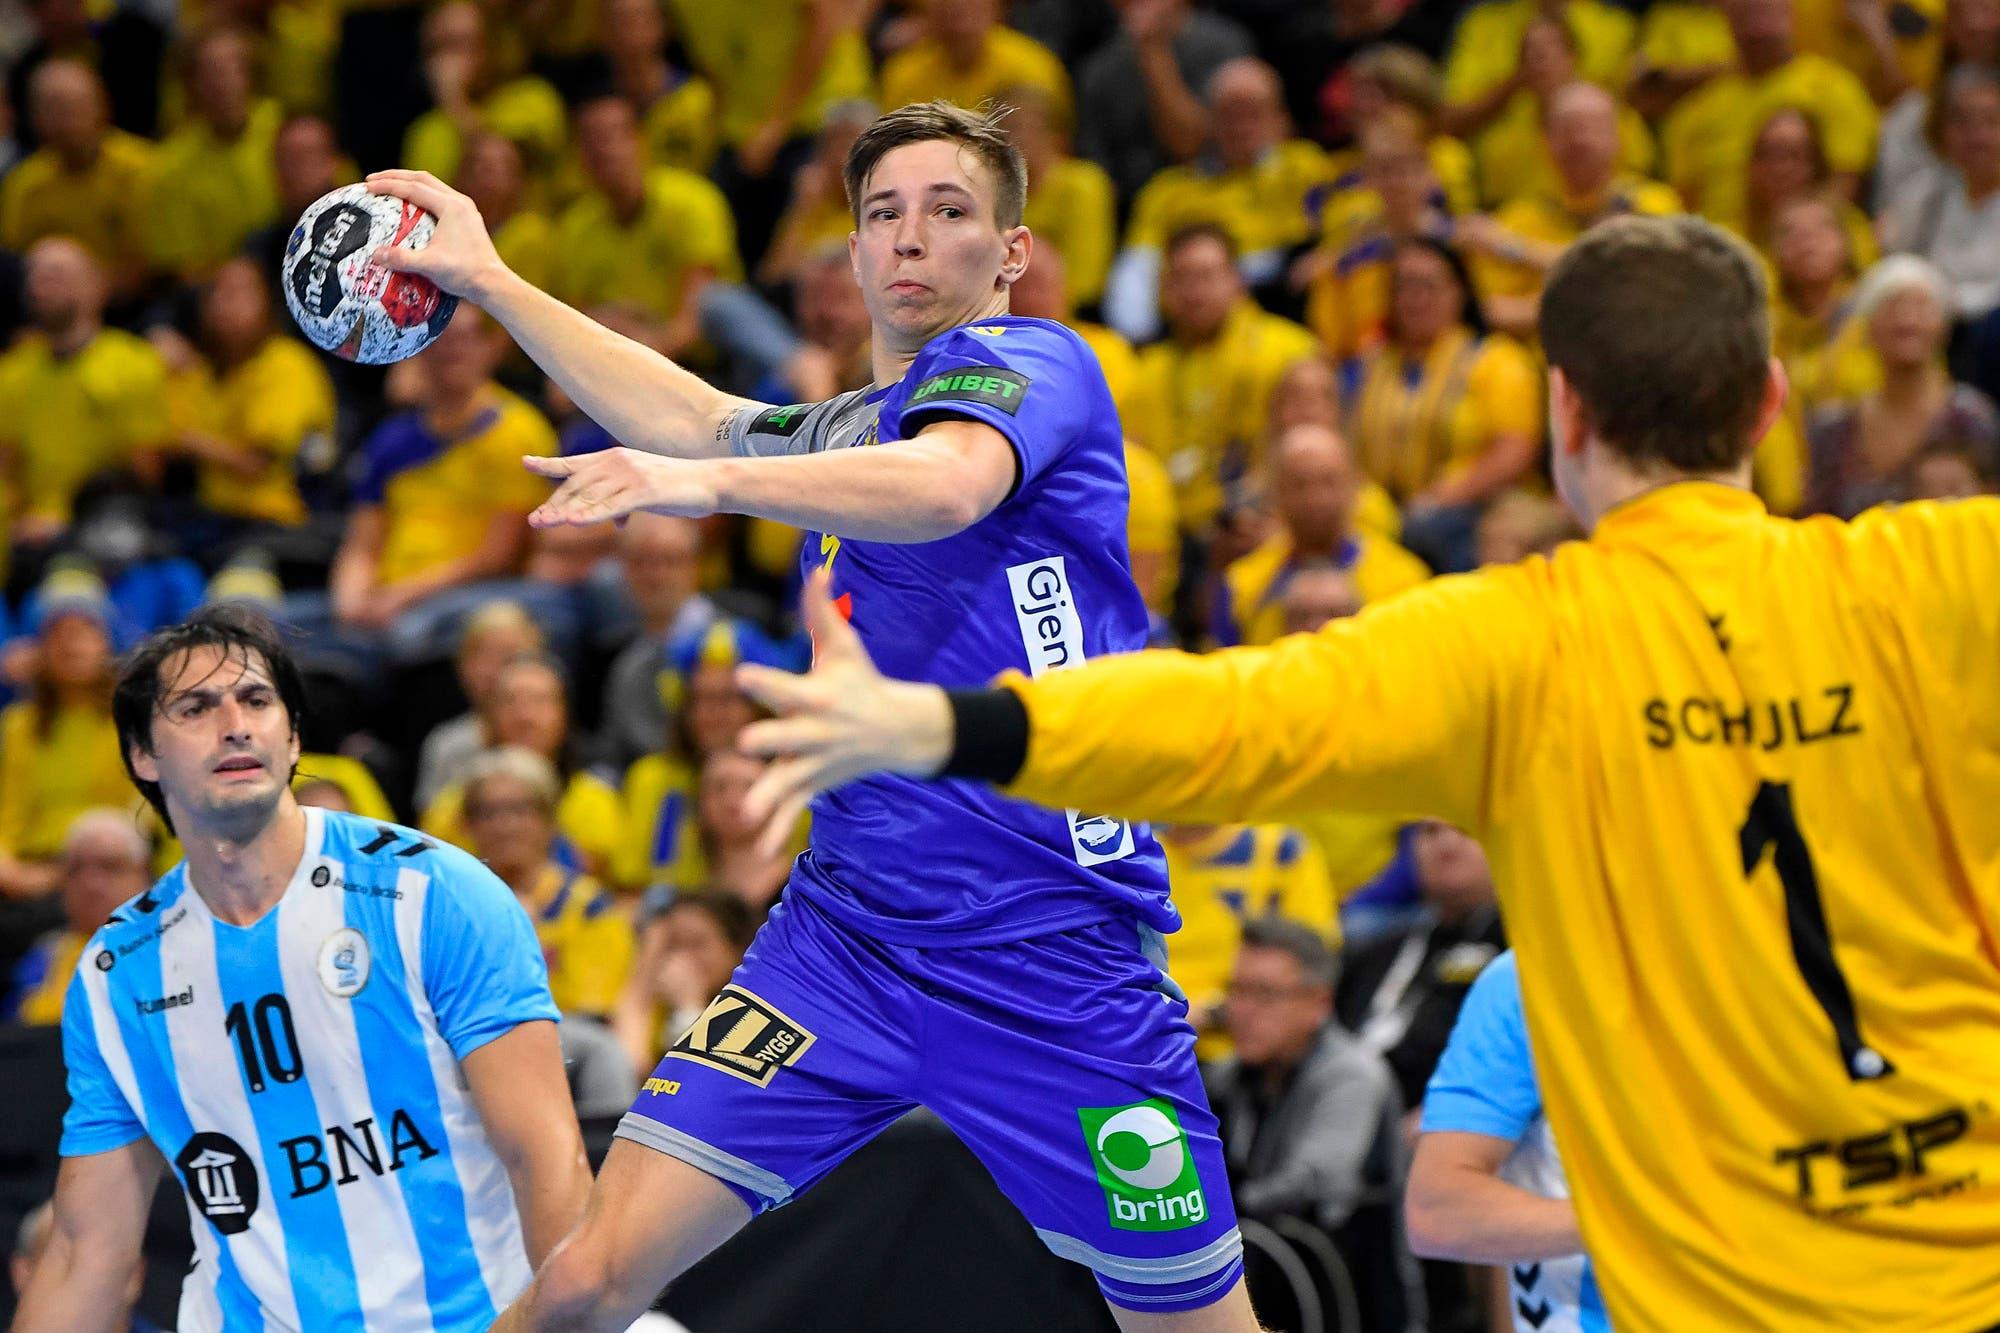 Mundial de handball: la Argentina dejó una buena imagen pese a la caída frente a Suecia